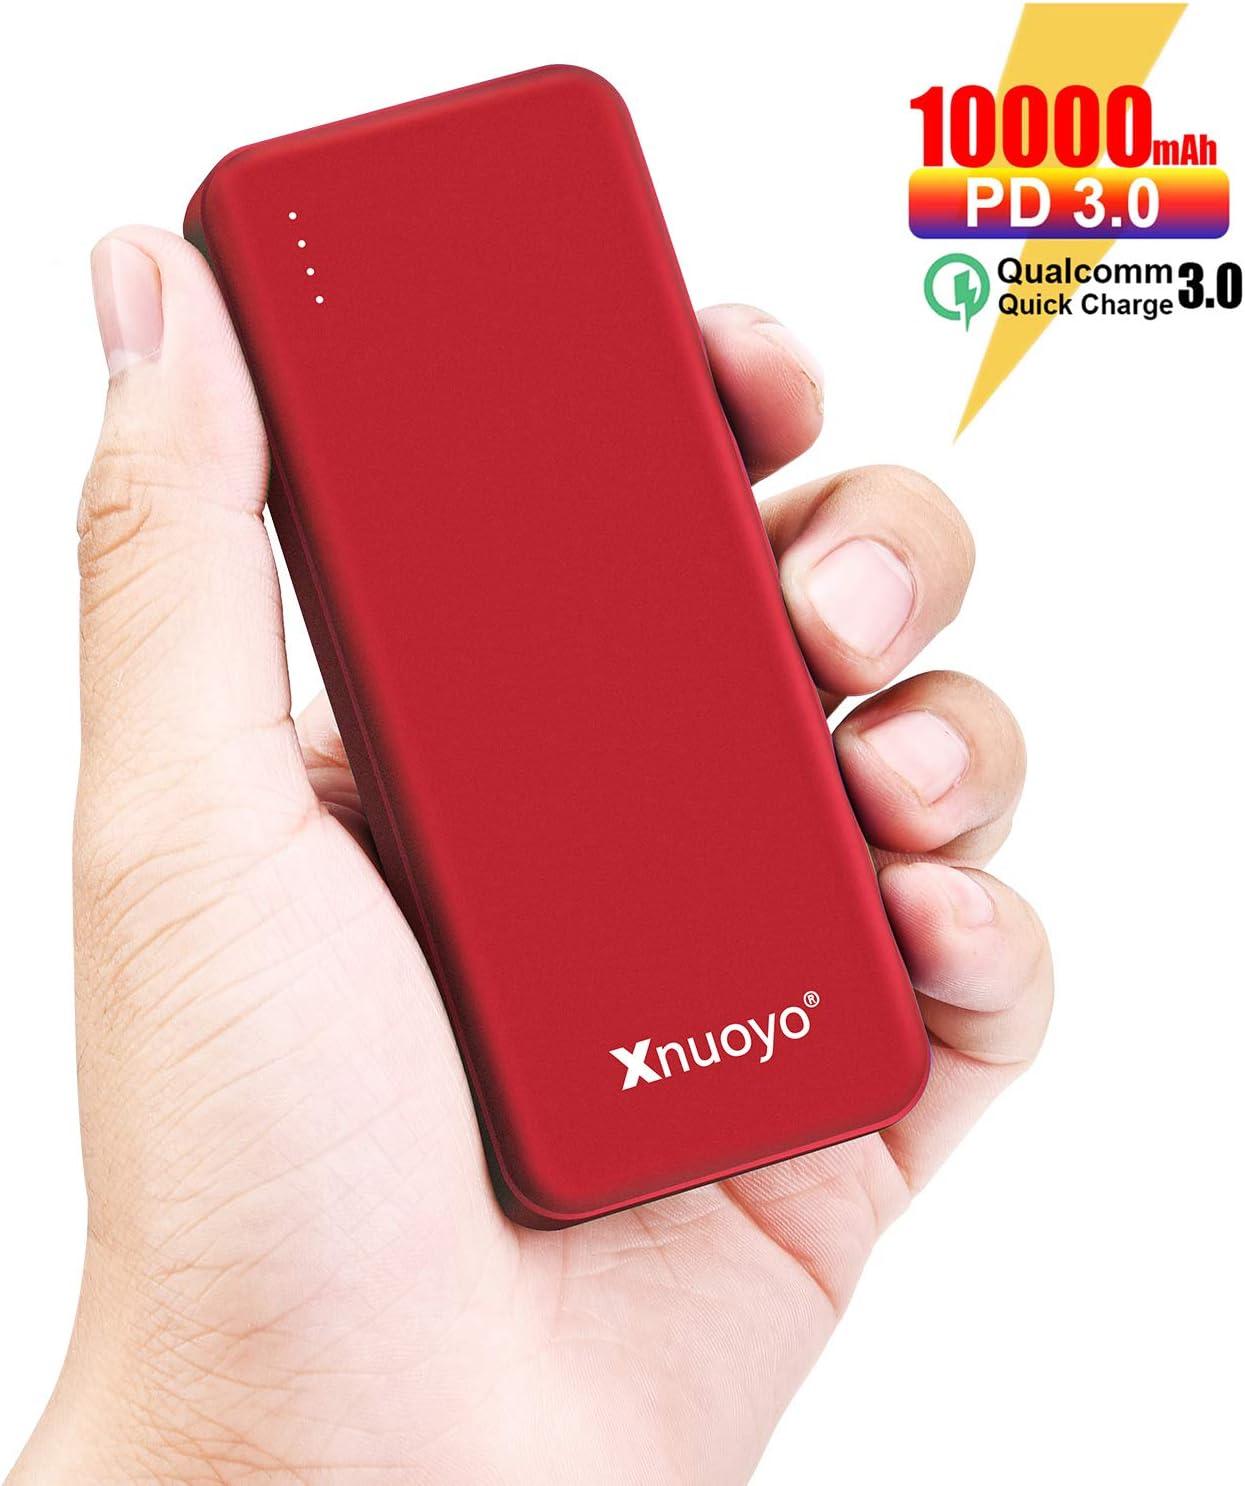 Xnuoyo PD Power Bank Carga Rápida 3.0 18W, 10000mAh Cargador Portátil de Suministro de Energía, Batería Externa de Entrada/Salida Tipo C Ultra-Delgada Compatible con Teléfonos Inteligente